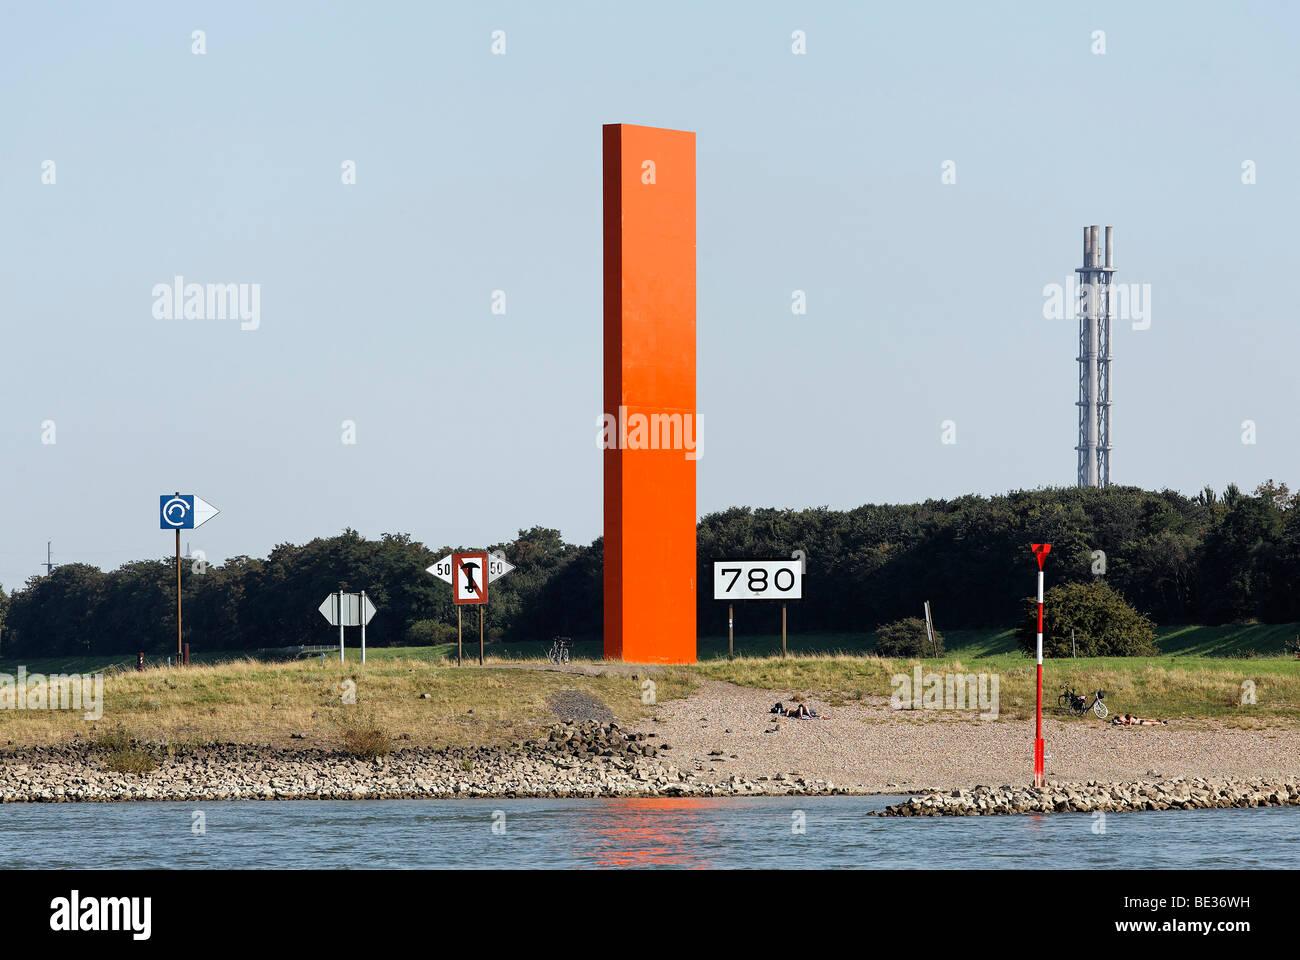 Rheinorange Wahrzeichen von Lutz Frisch, Ruhrort Duisburg, Nordrhein-Westfalen, Deutschland, Europa Stockbild